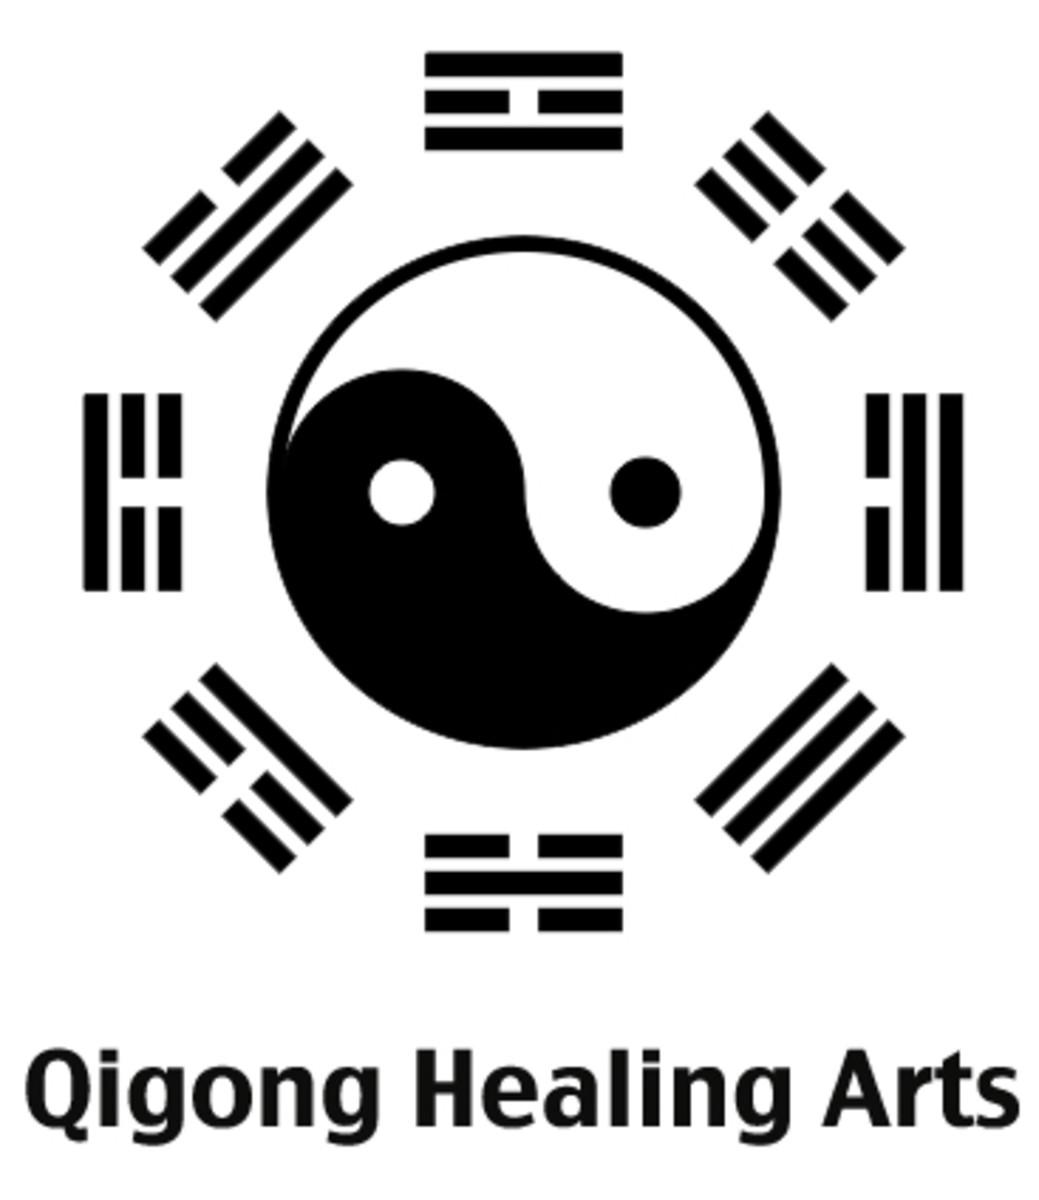 About Healing Qigong